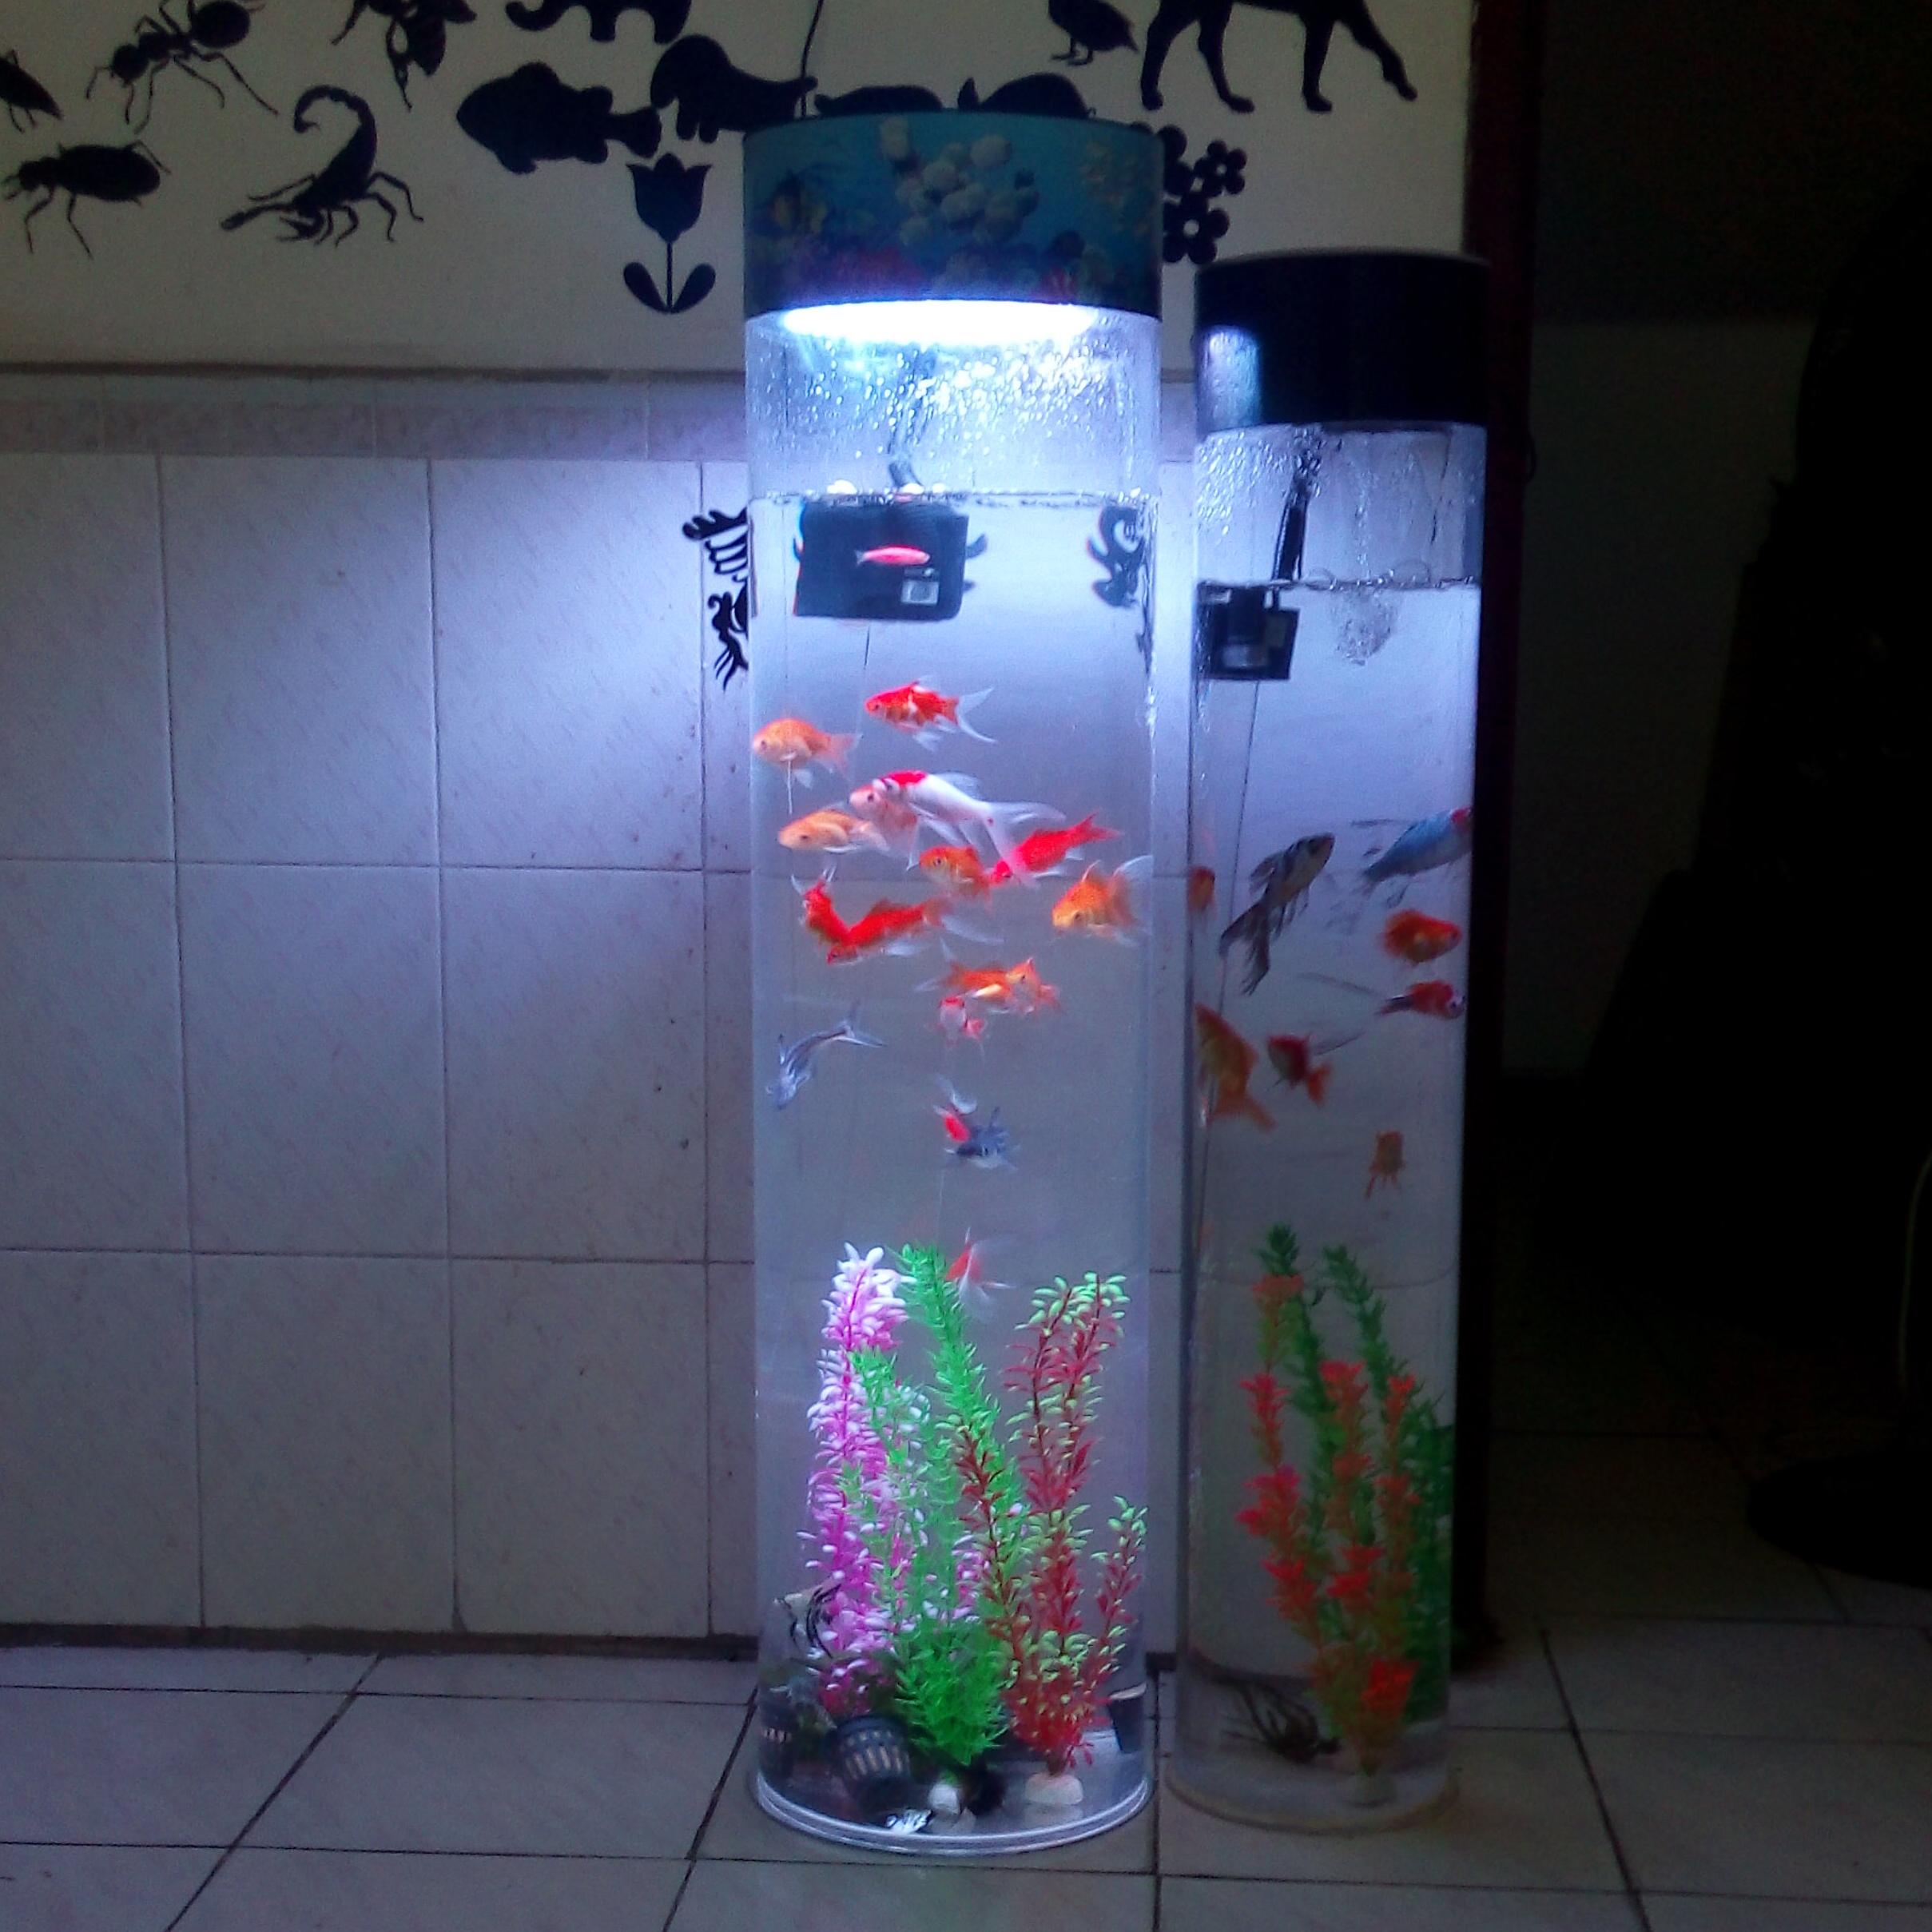 【圆形鱼缸】-圆形鱼缸价格-圆形鱼缸公司